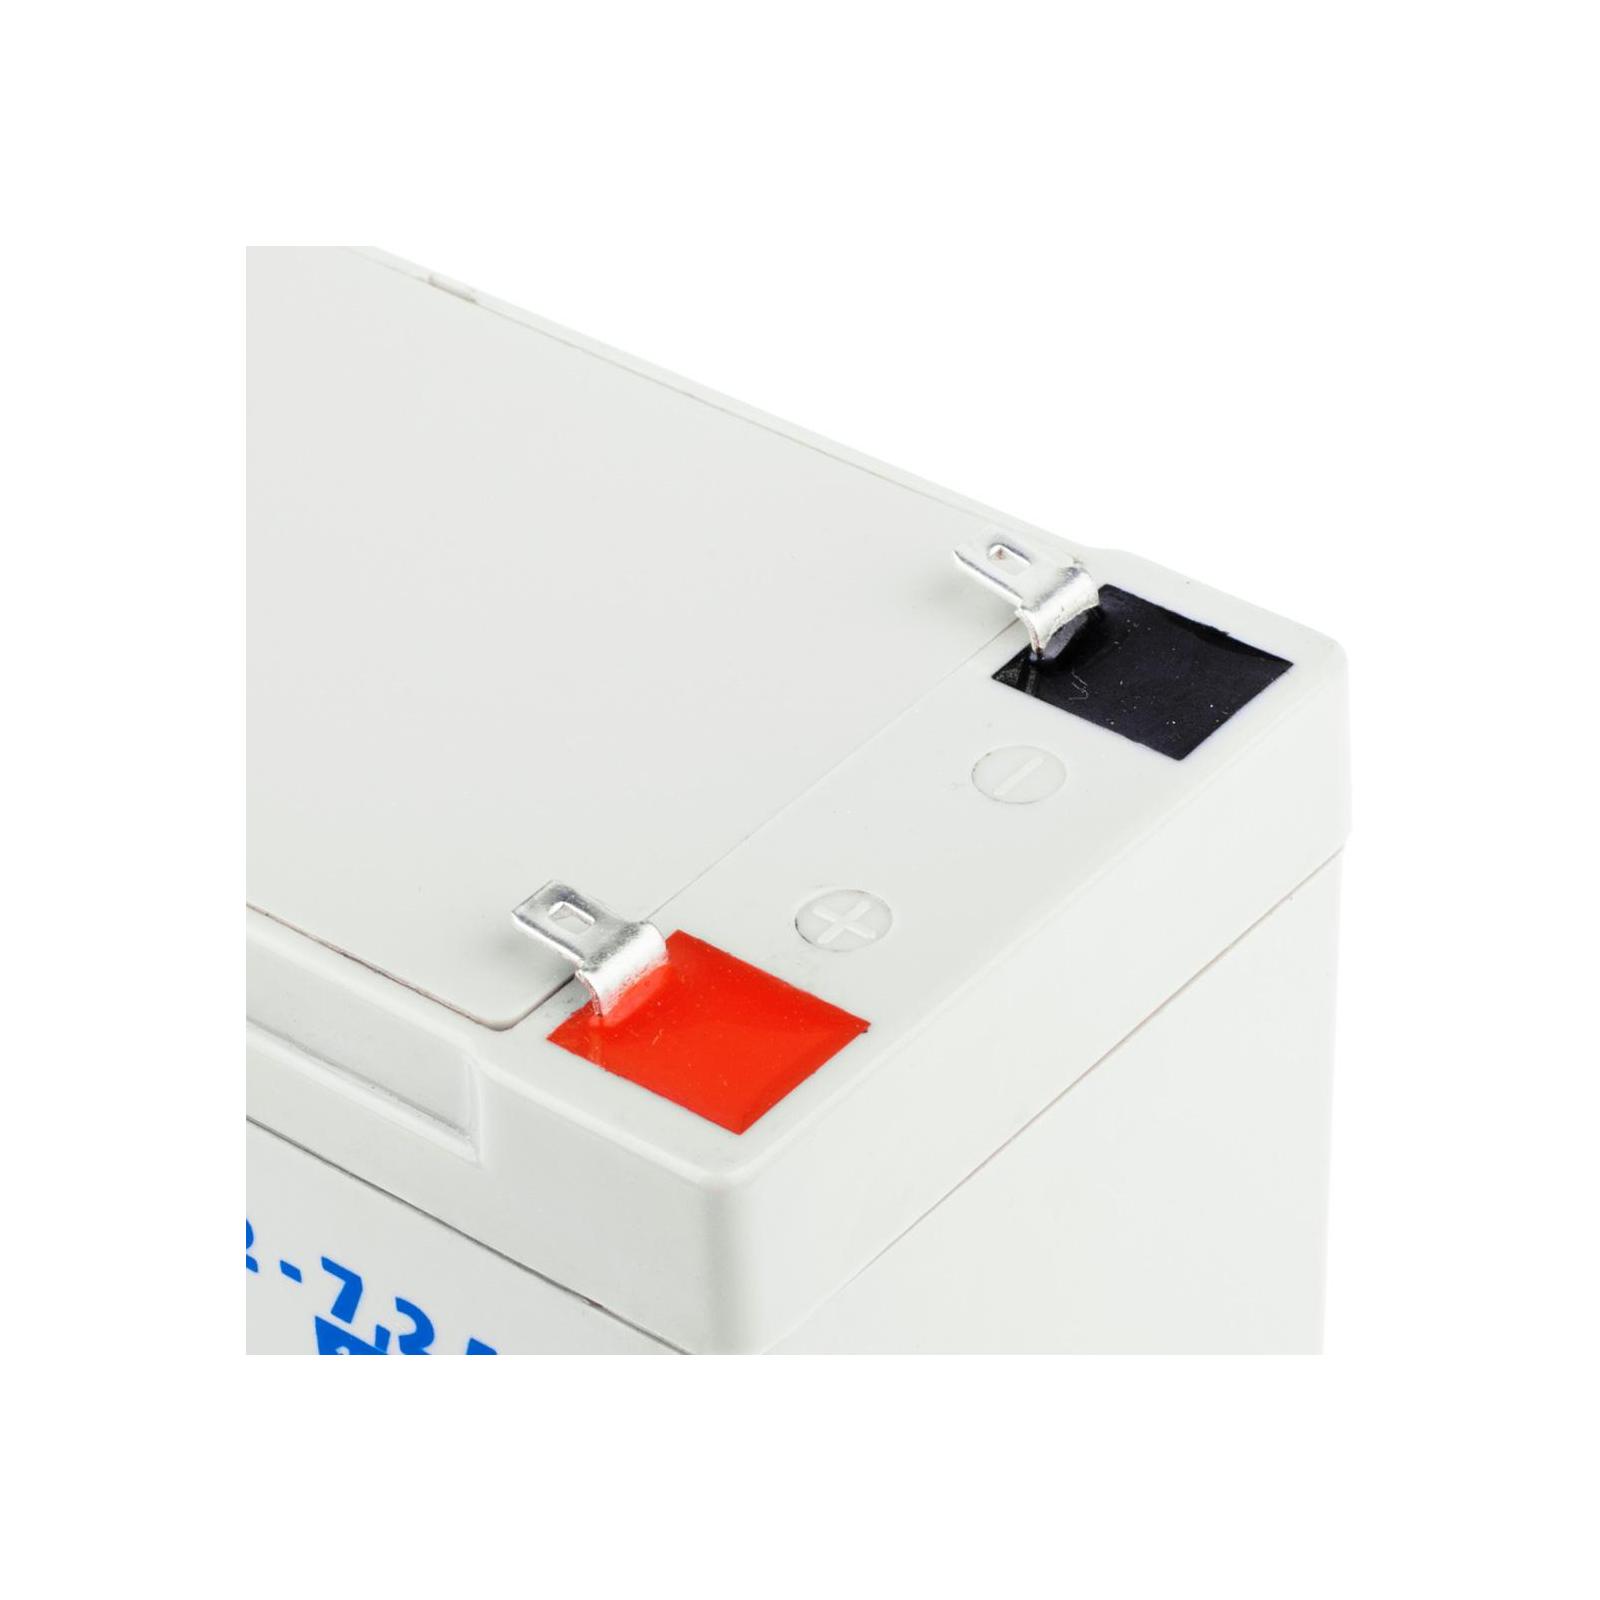 Батарея к ИБП LogicPower LPM MG 12В 7.2Ач (6553) изображение 3